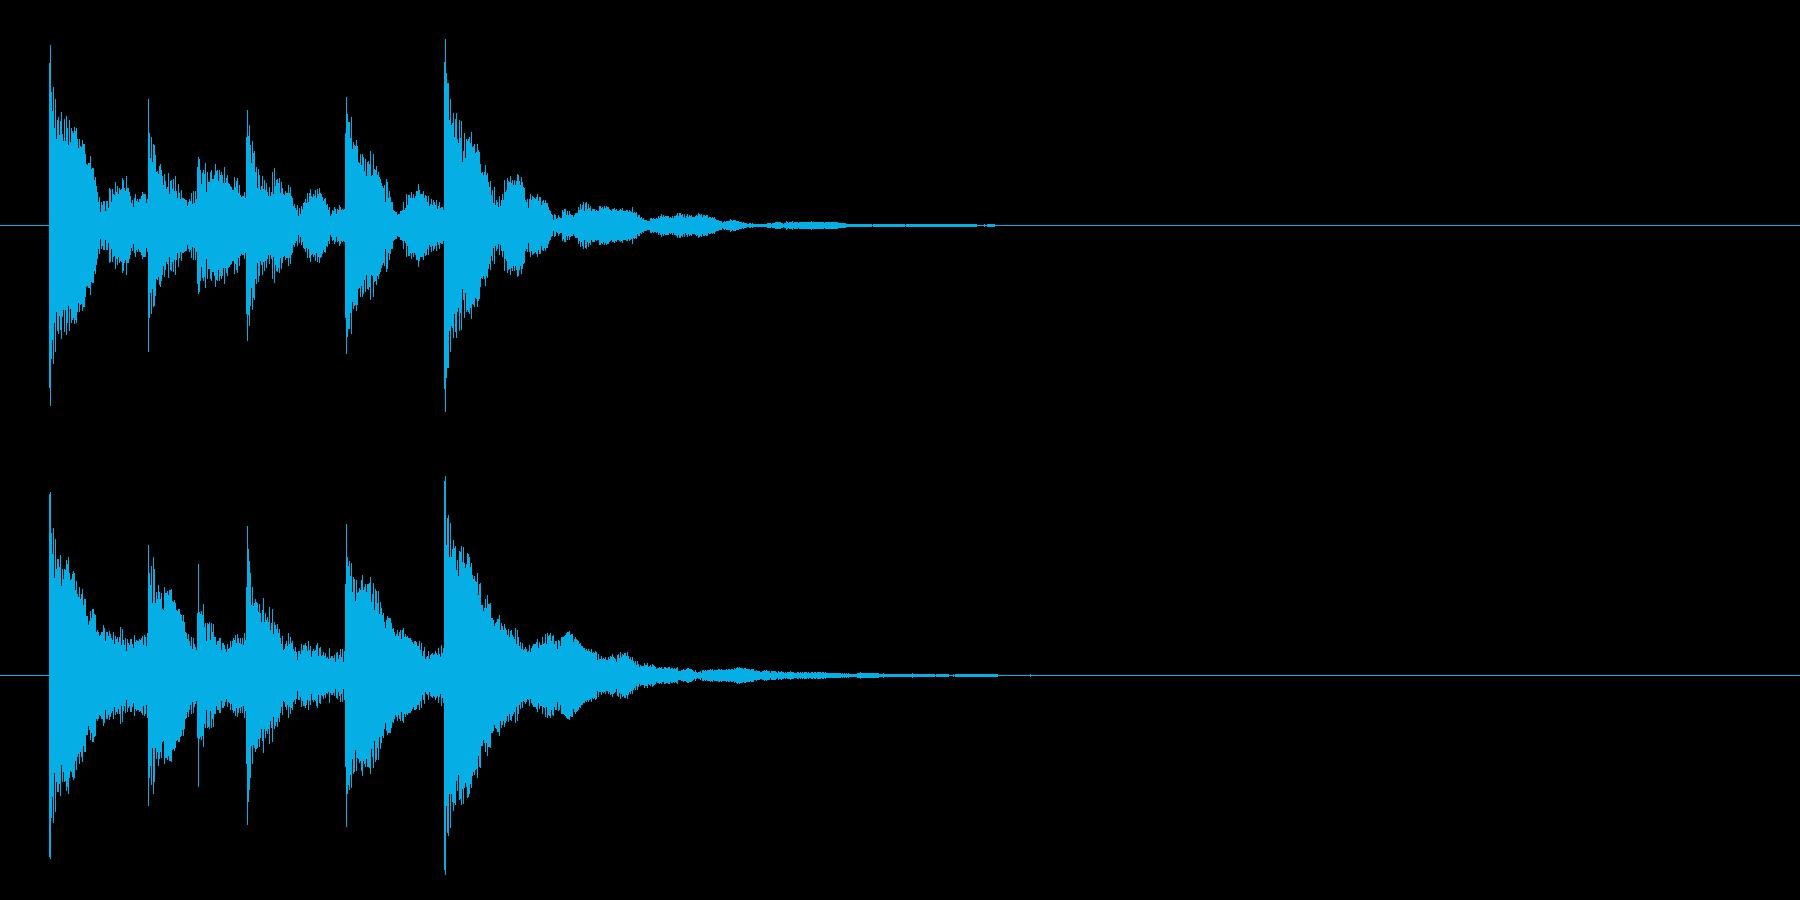 トントコトントントン!締め太鼓3リバーブの再生済みの波形